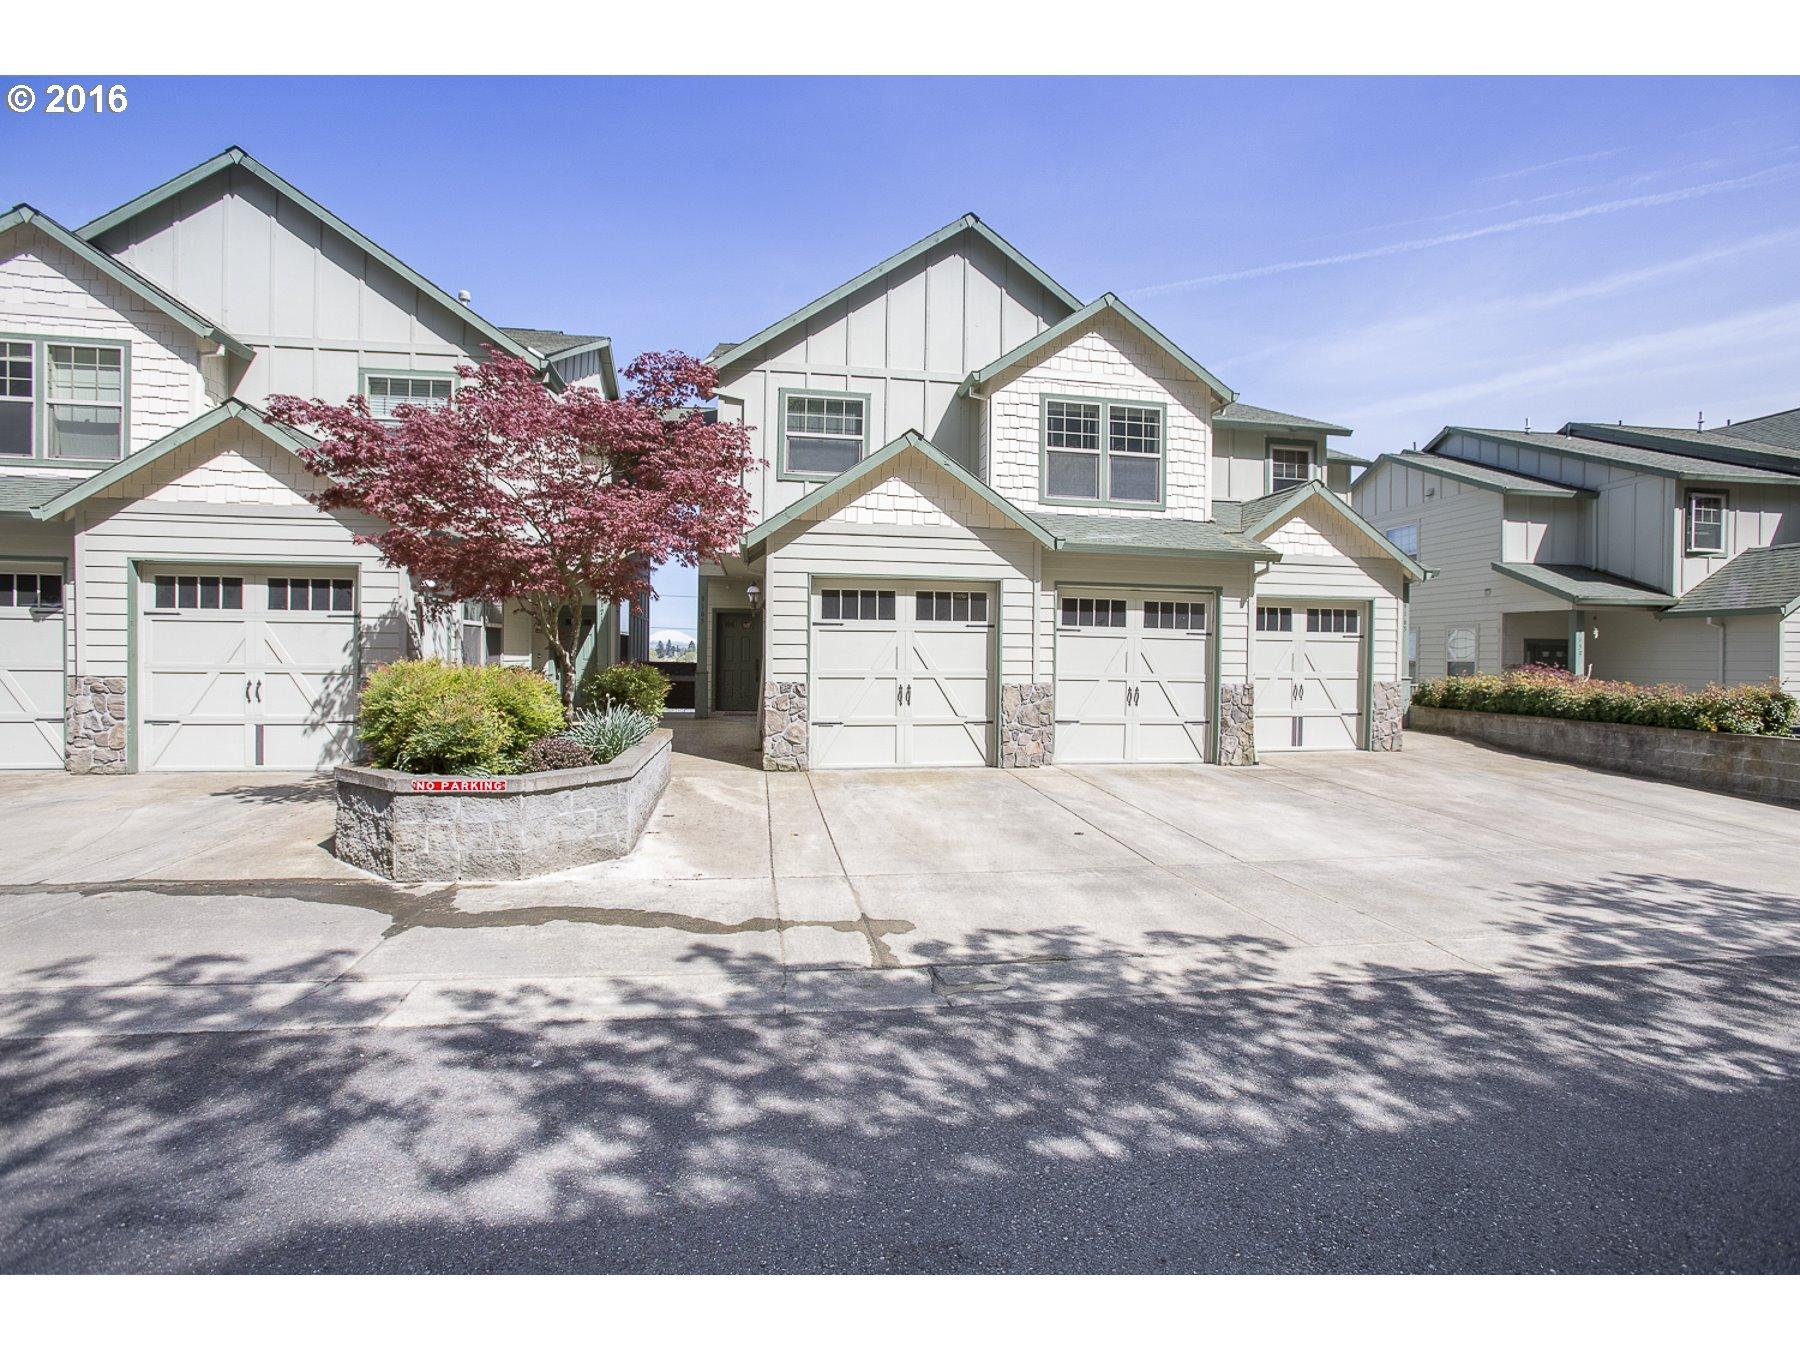 9167 NW Germantown Rd, Portland, OR